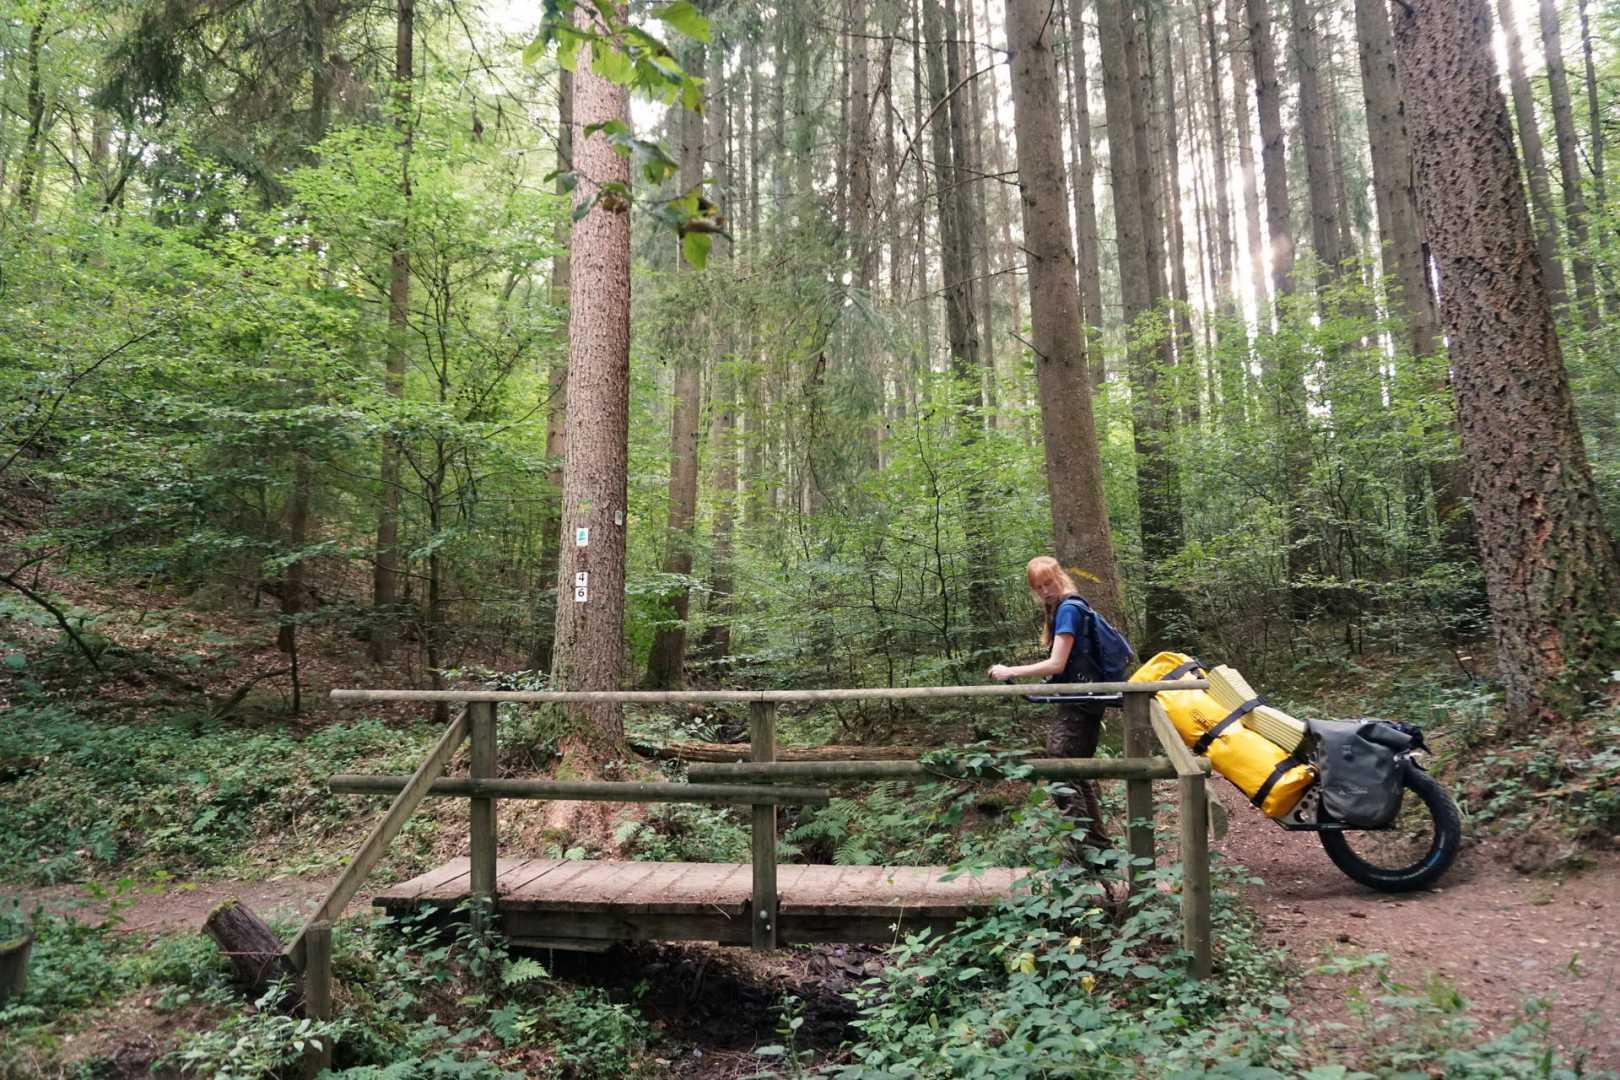 Jana mit Monowalker auf Brücke im Wald